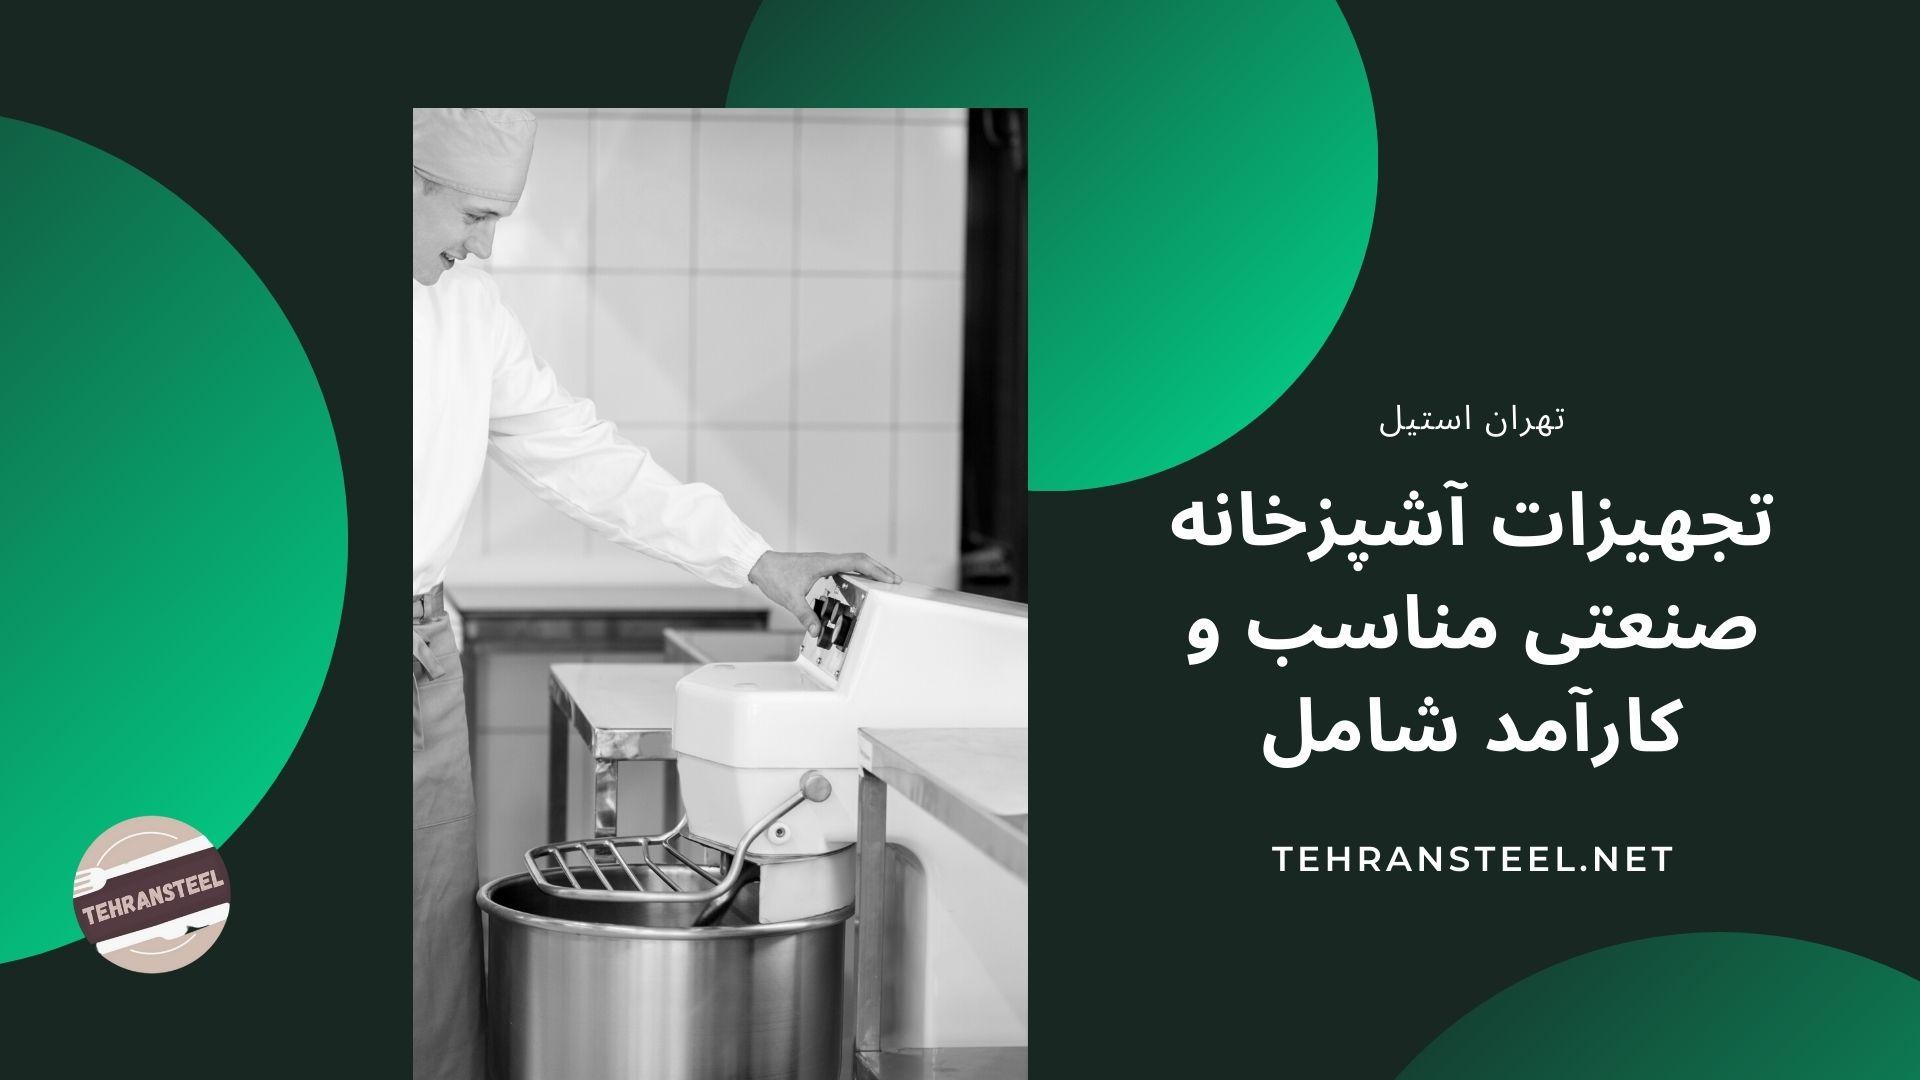 تجهیزات آشپزخانه صنعتی مناسب و کارآمد شامل :